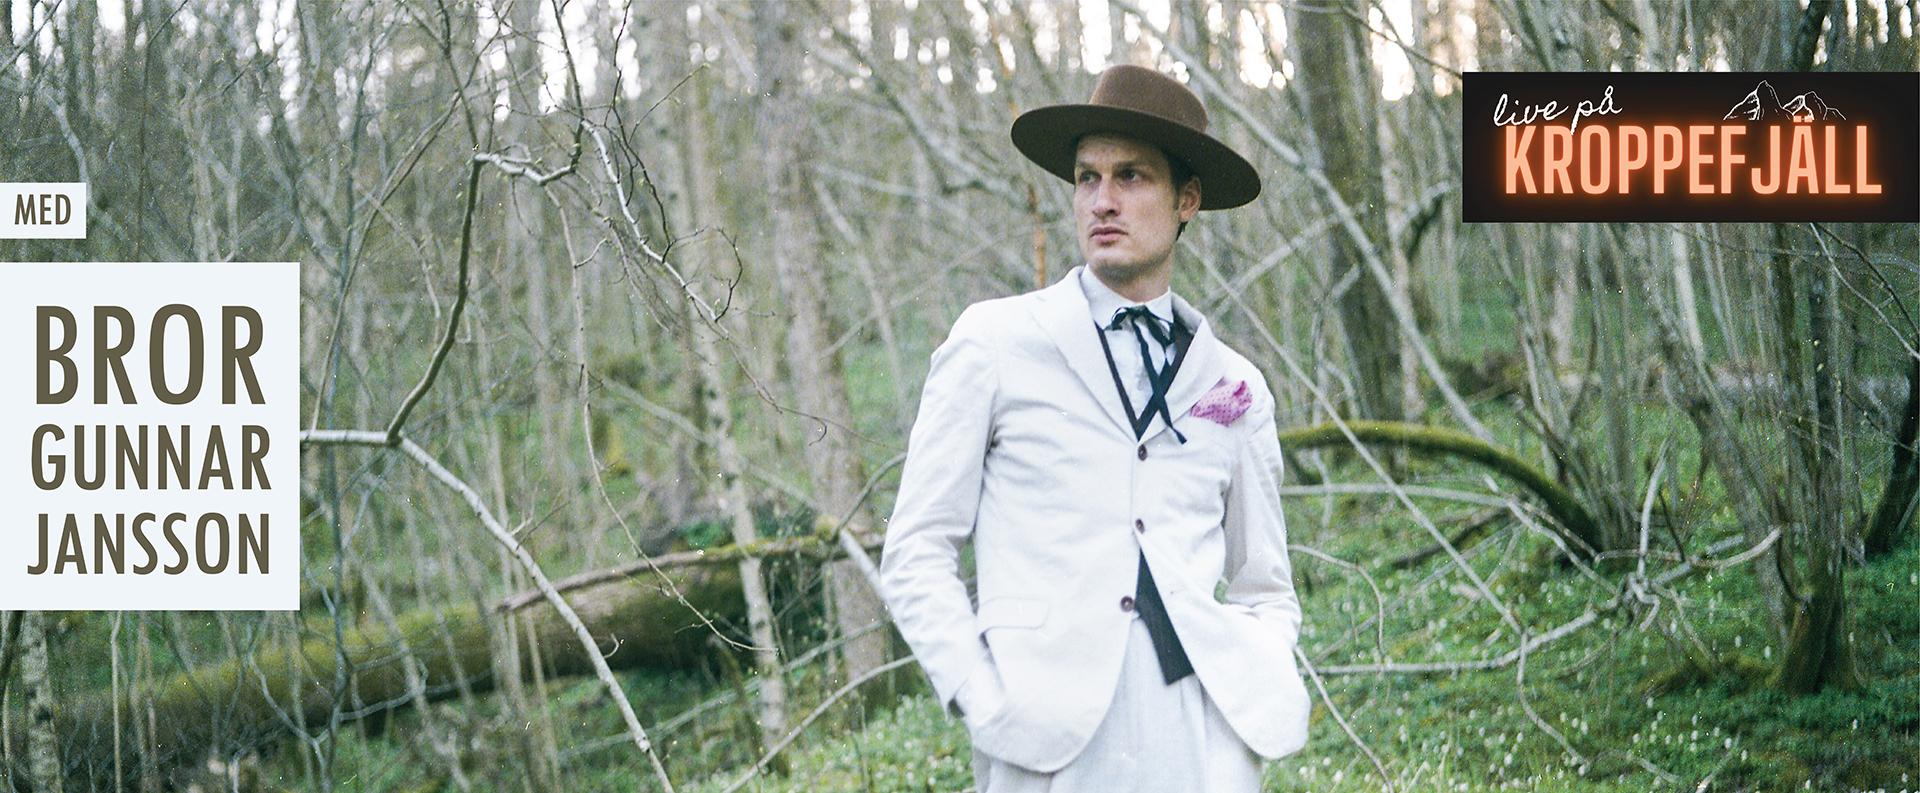 Bror Gunnar Jansson i vit kostym och hatt i skogen bland vitsippor